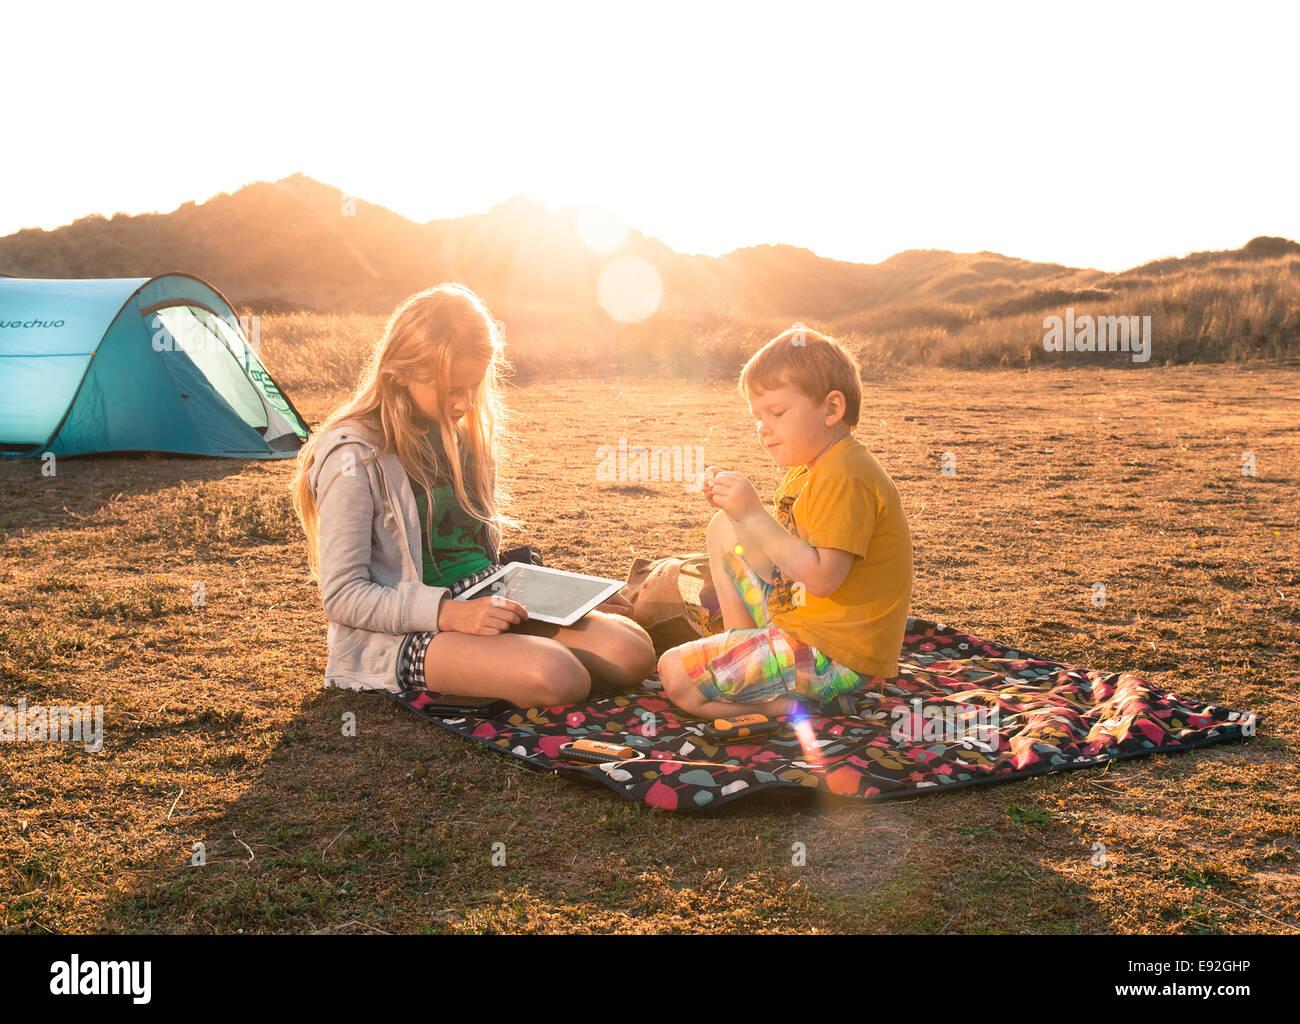 Los niños acampar en manta para picnic con ipad en verano. Hermano y hermana camp holiday en UK Inglaterra Imagen De Stock